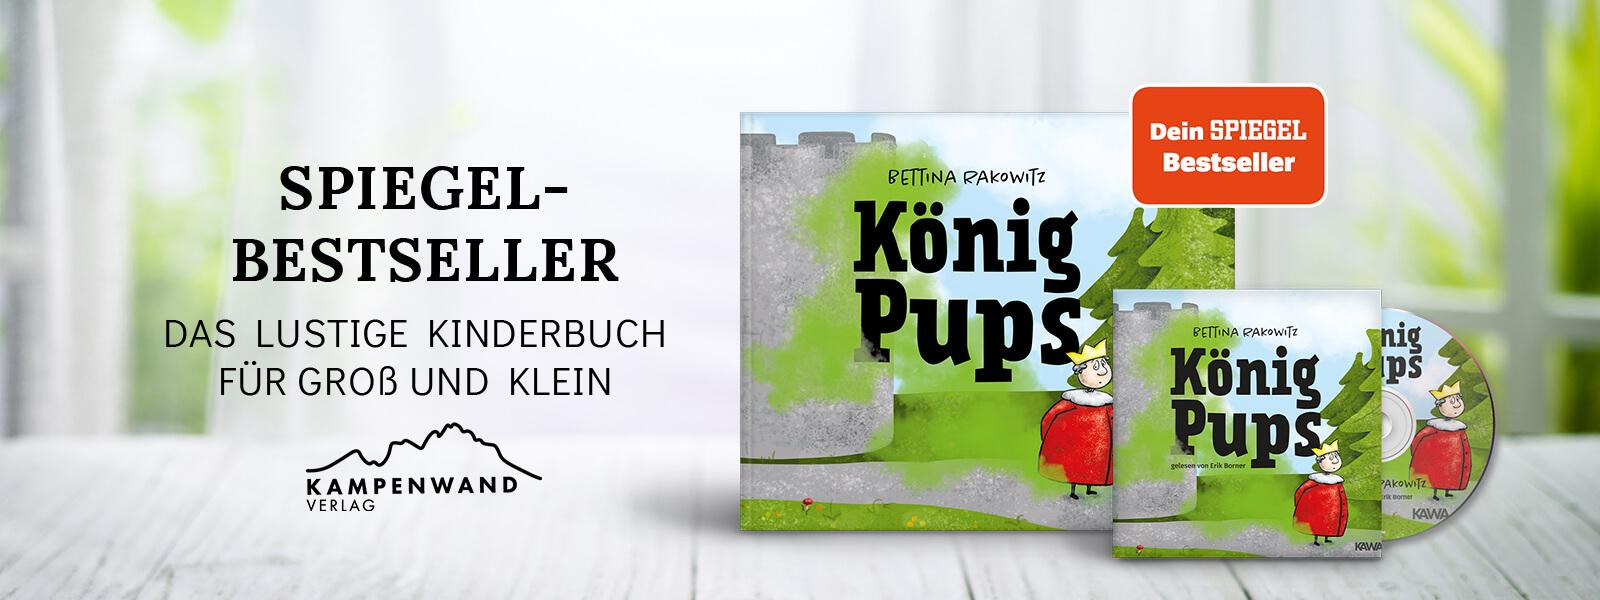 """Dein Spiegel Bestseller Kinderbuch """"König Pups"""""""